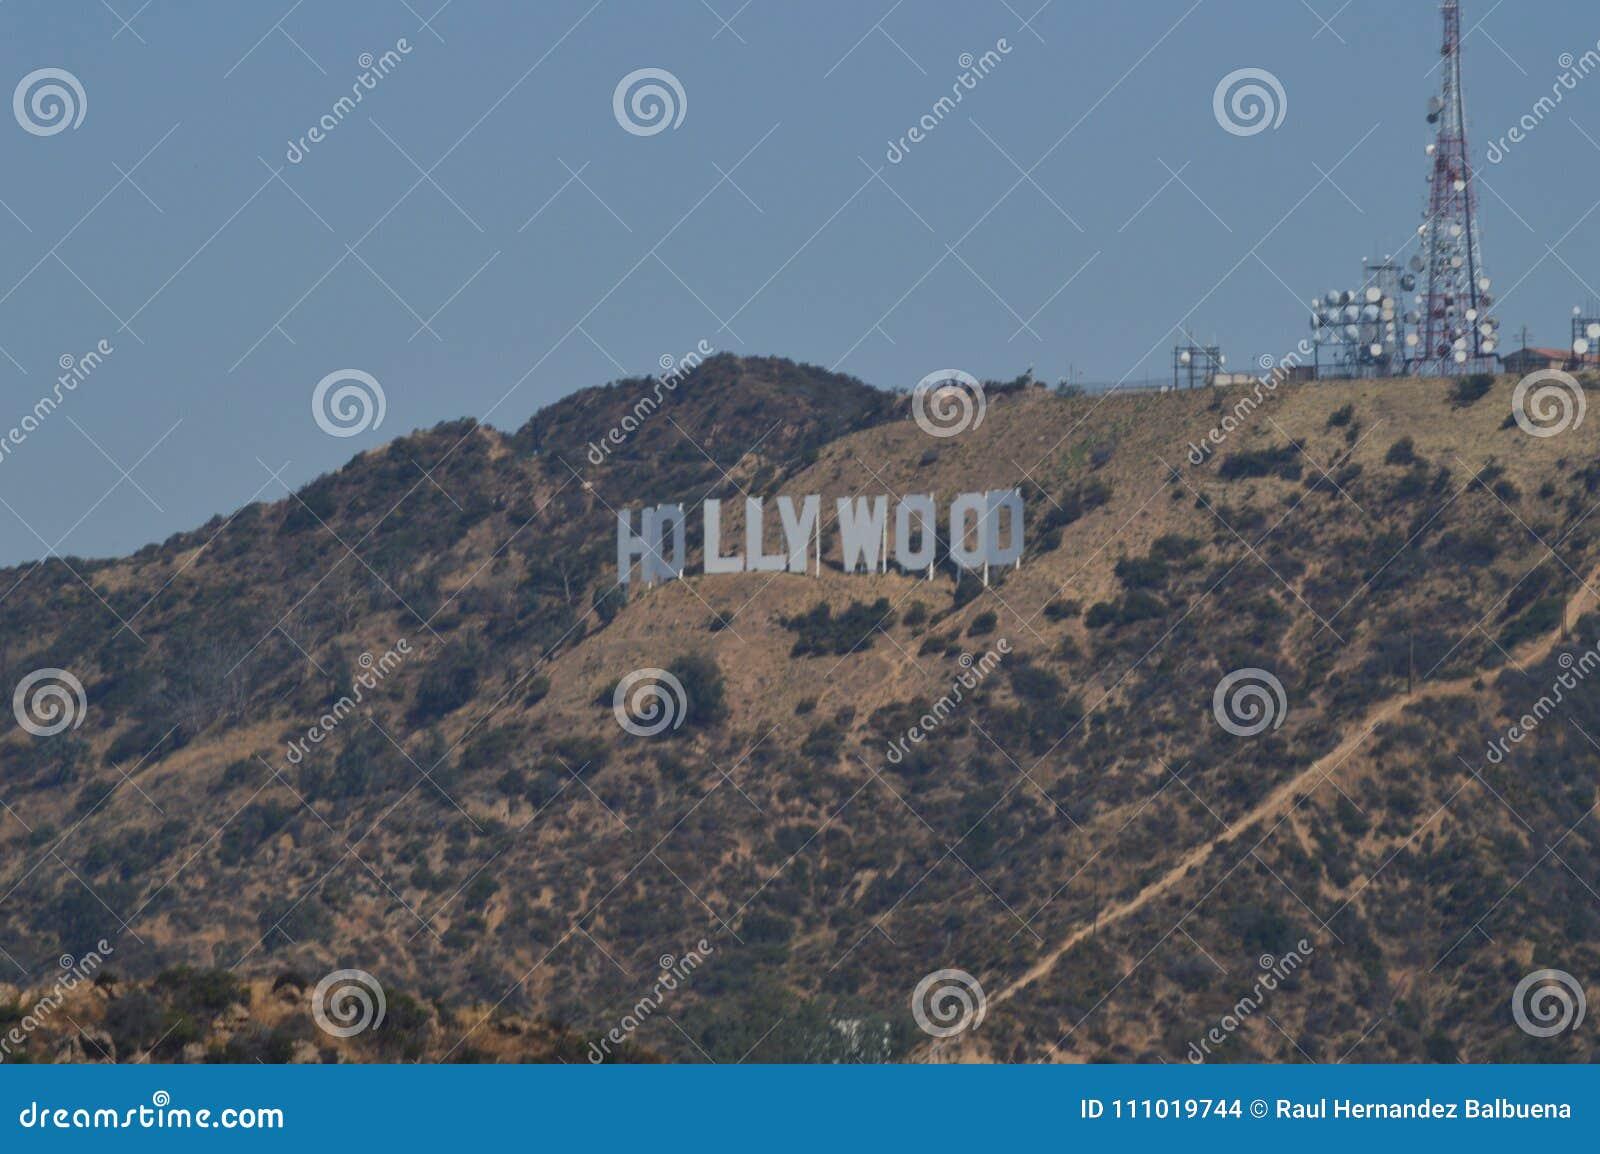 Letras de Hollywood vistas de punto muy cercano de A 7 de julio de 2017